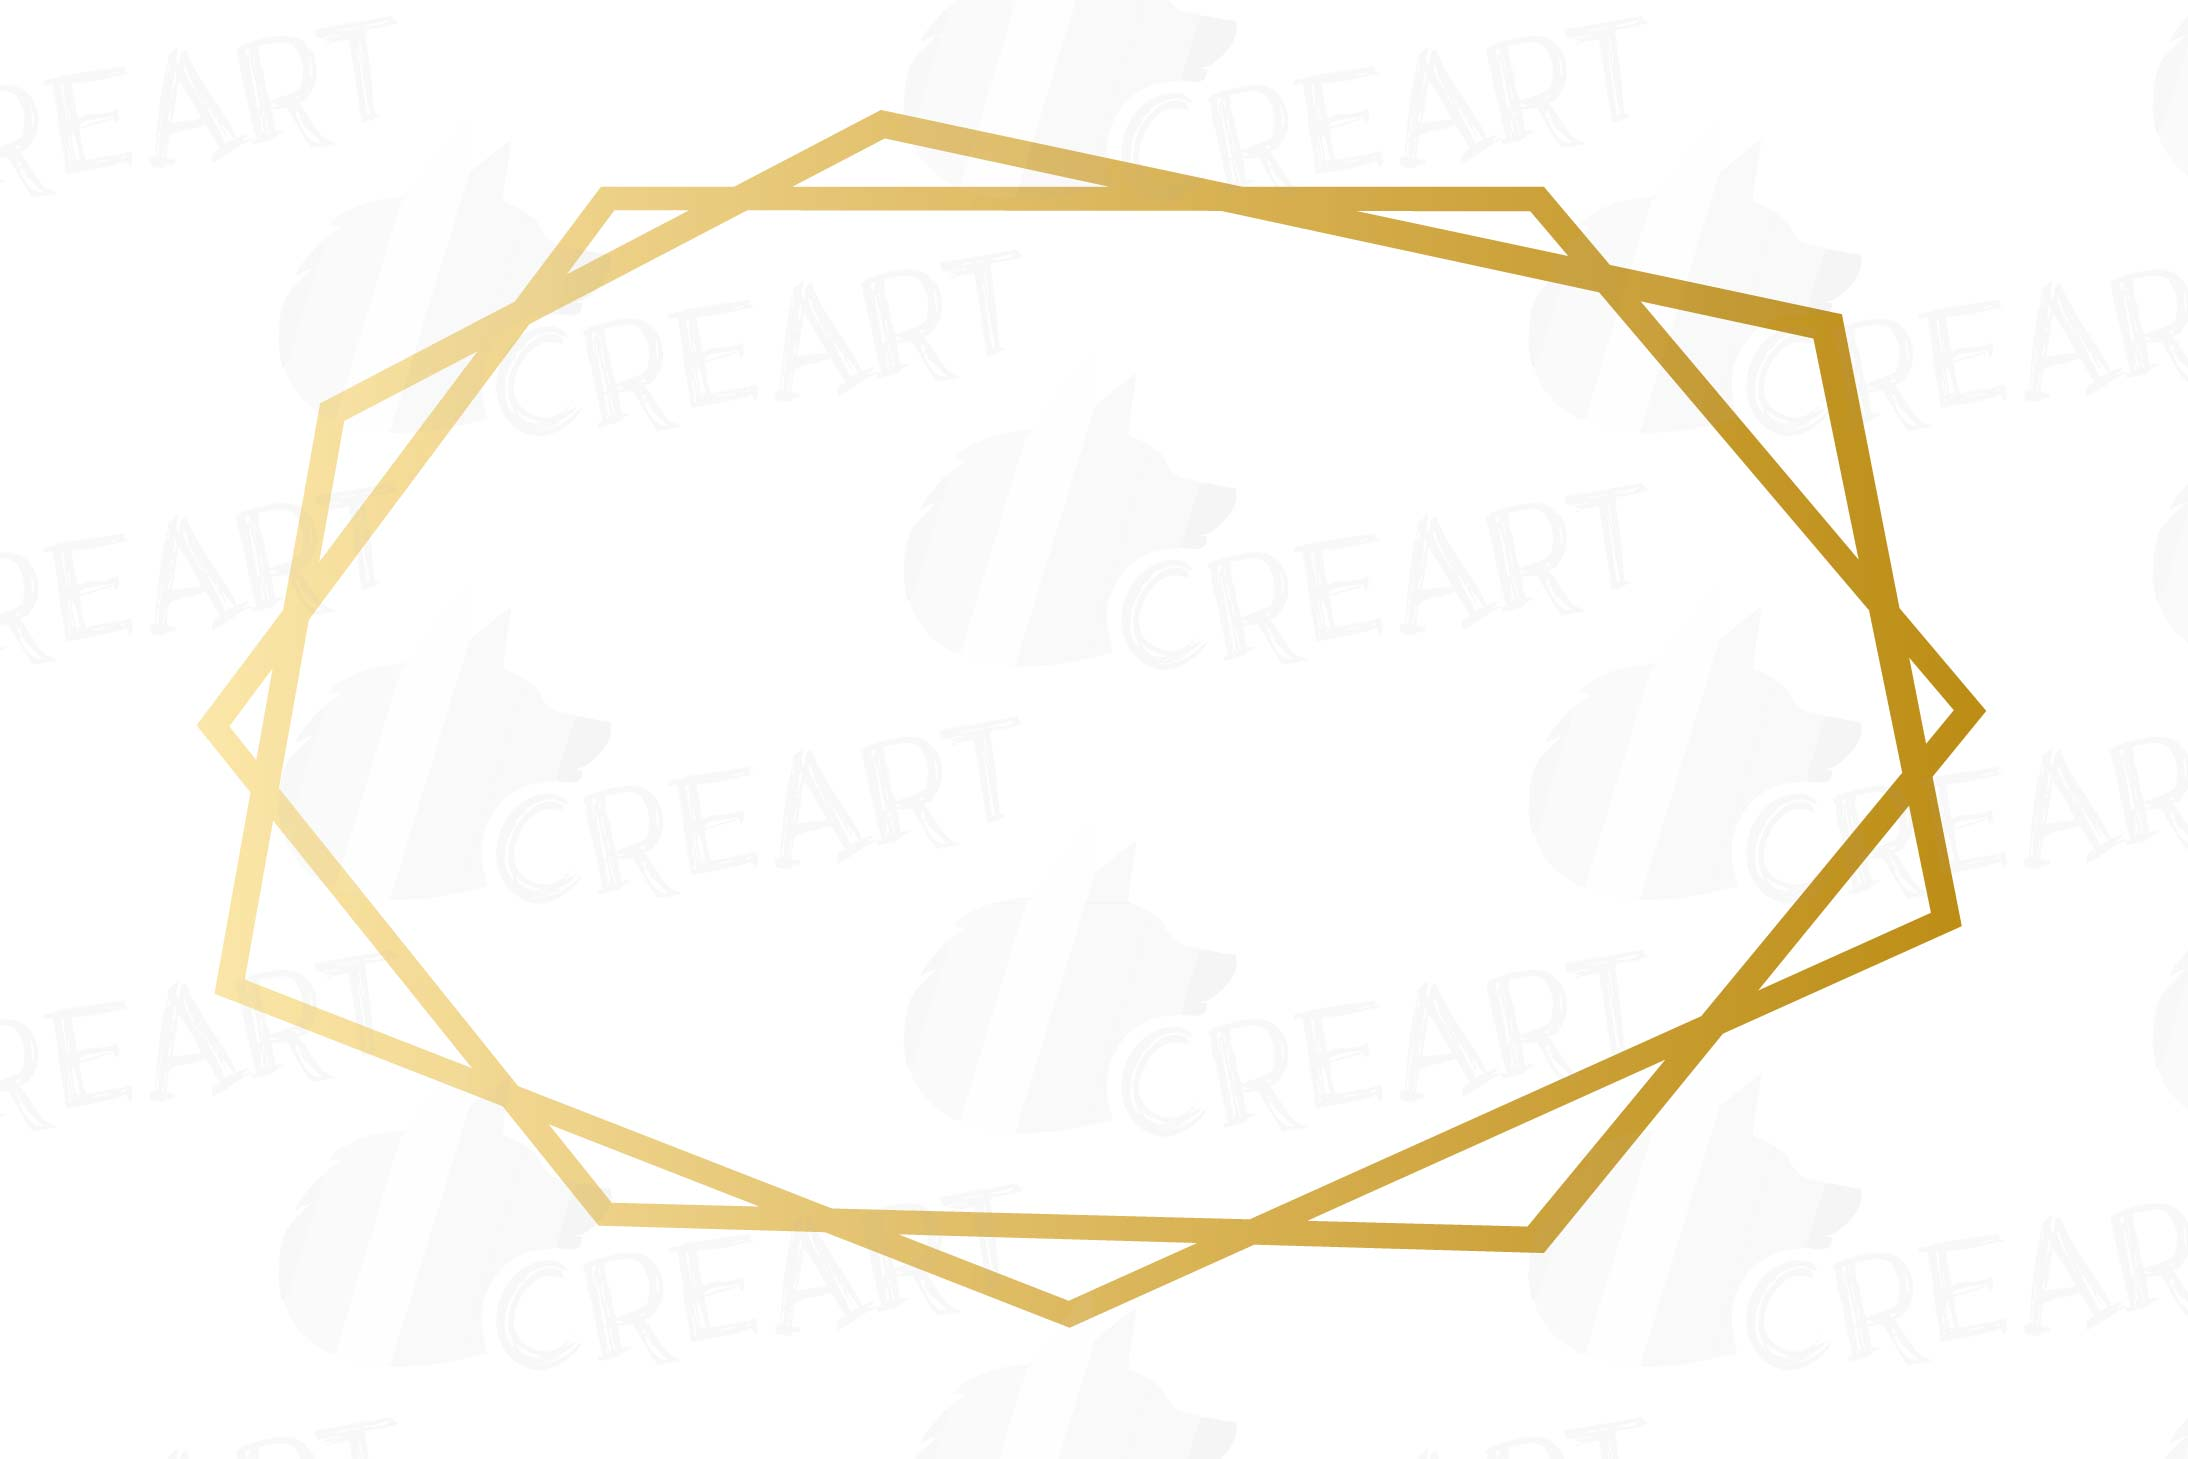 Elegant wedding geometric golden frames, lineal frames png example image 13